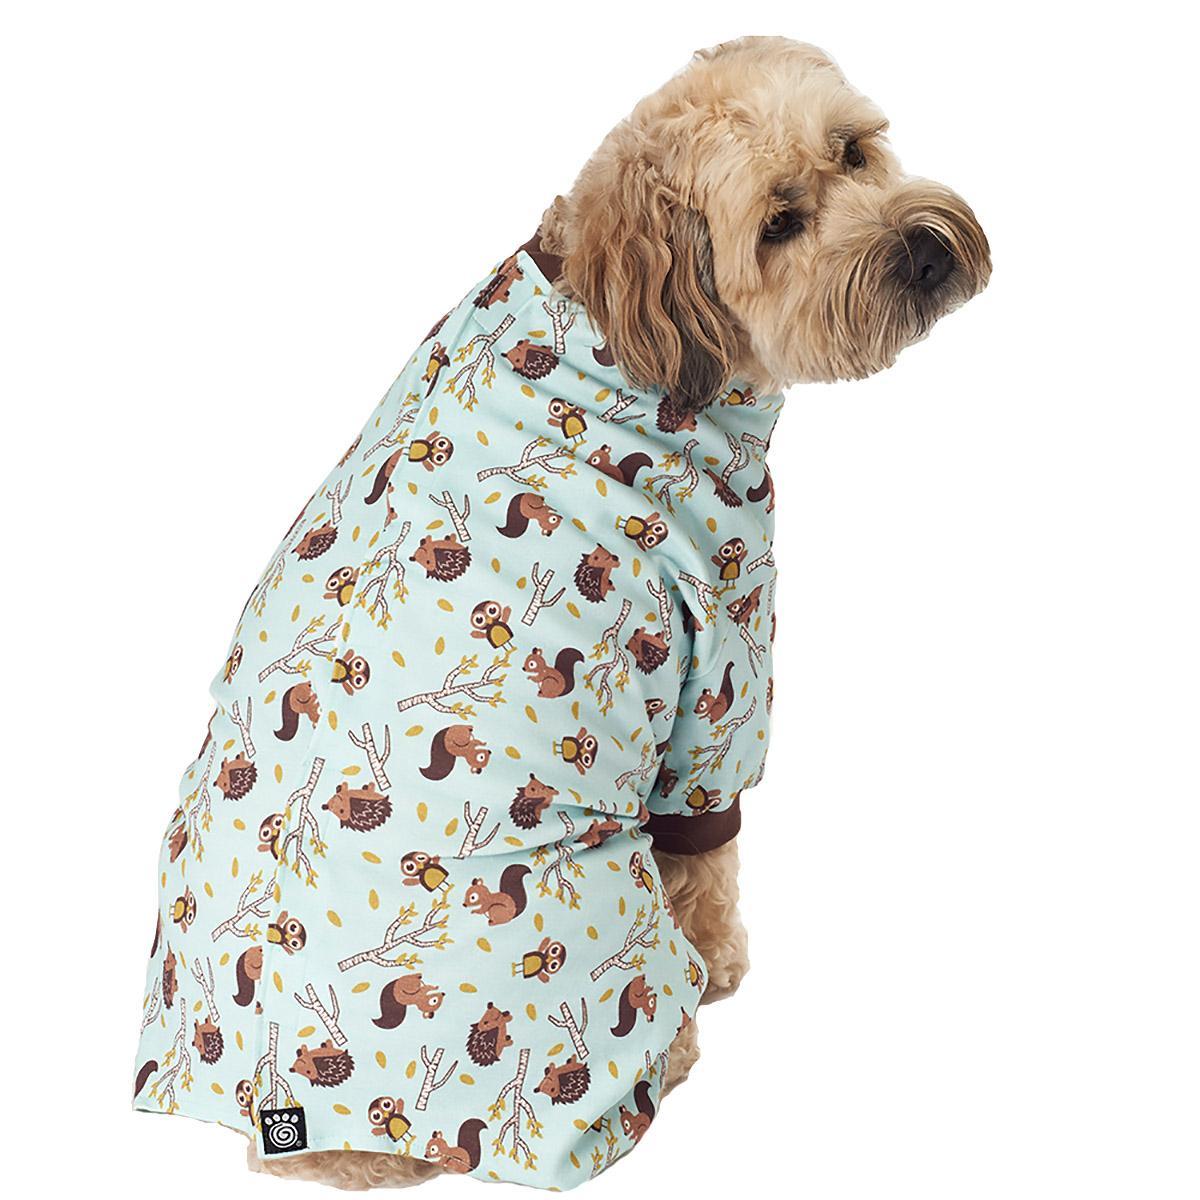 Owl, Squirrel, Hedgehog Dog Pajamas - Blue